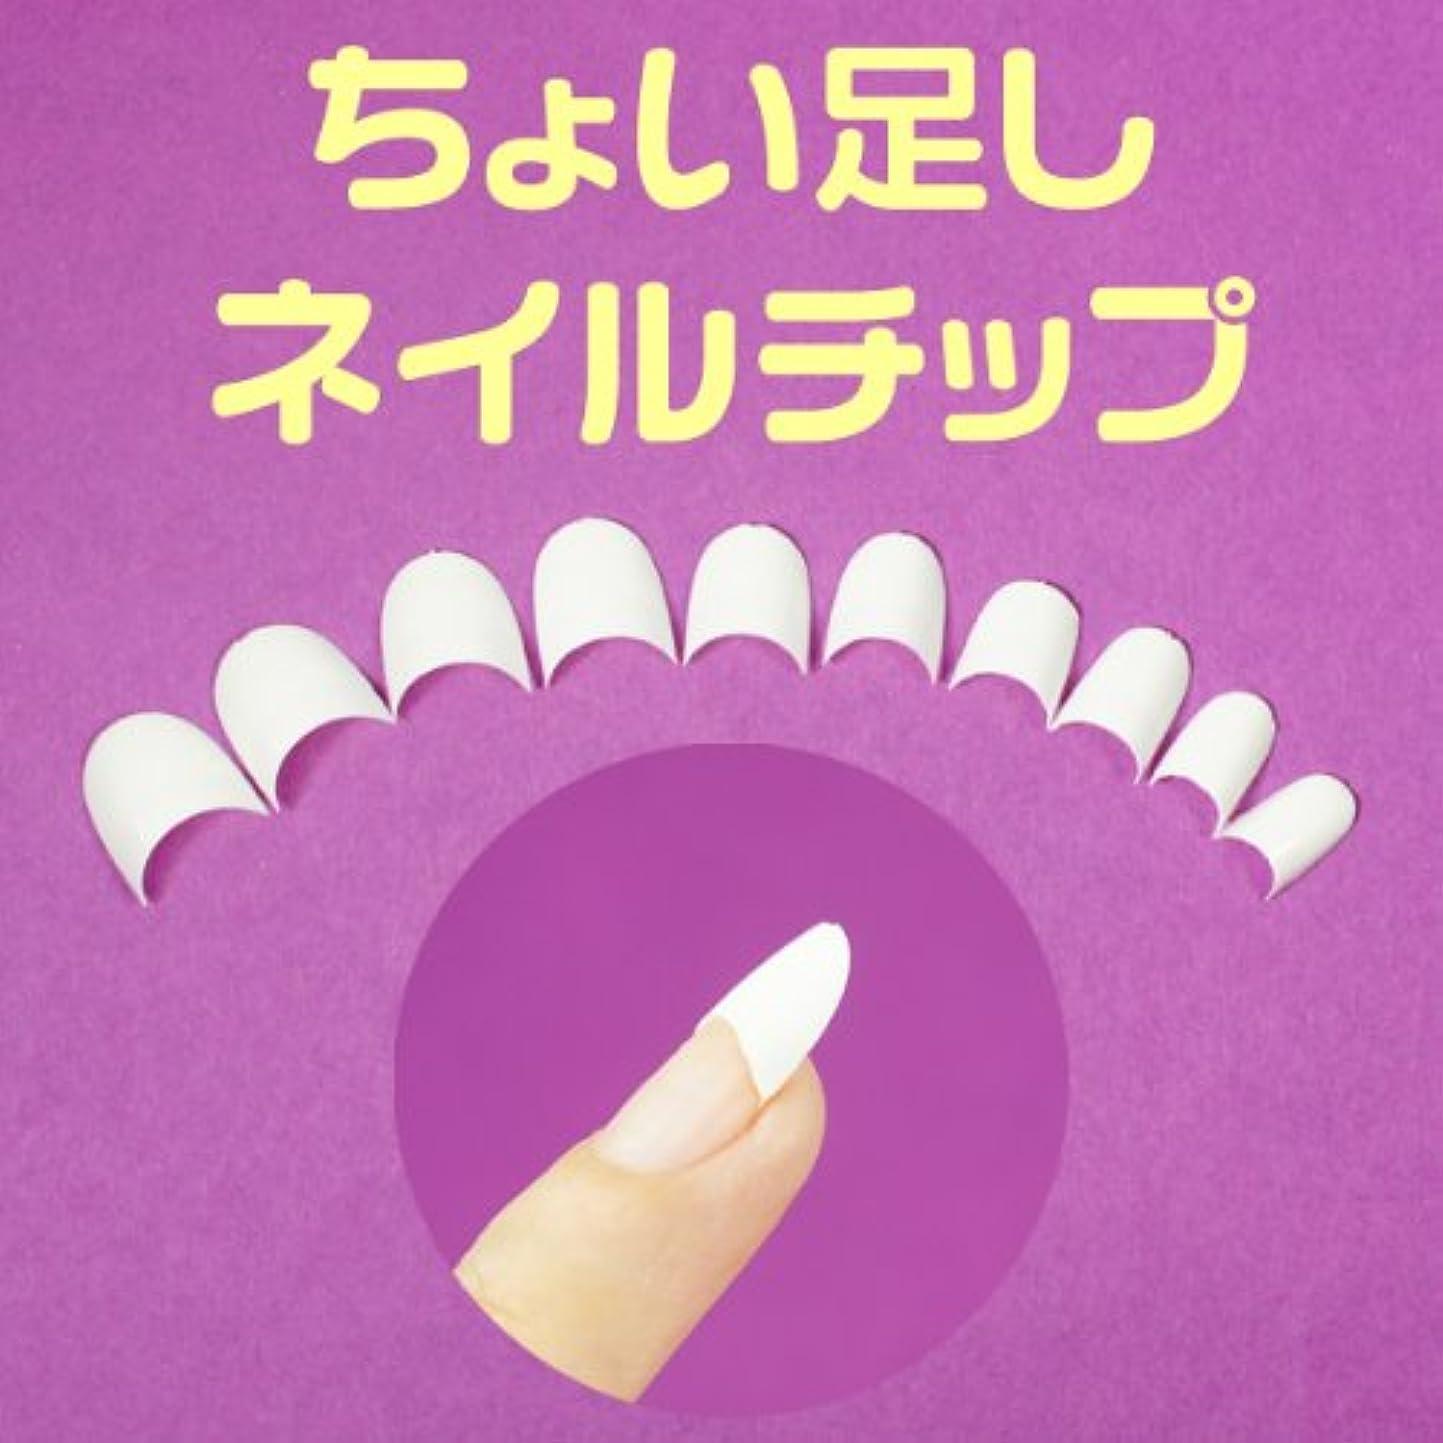 息苦しい弓擬人化白いちょい足しネイルチップ 超短いハーフチップ スカルプチャー ジェルネイル ラウンドショートクリアネイルチップ つけ爪付け爪